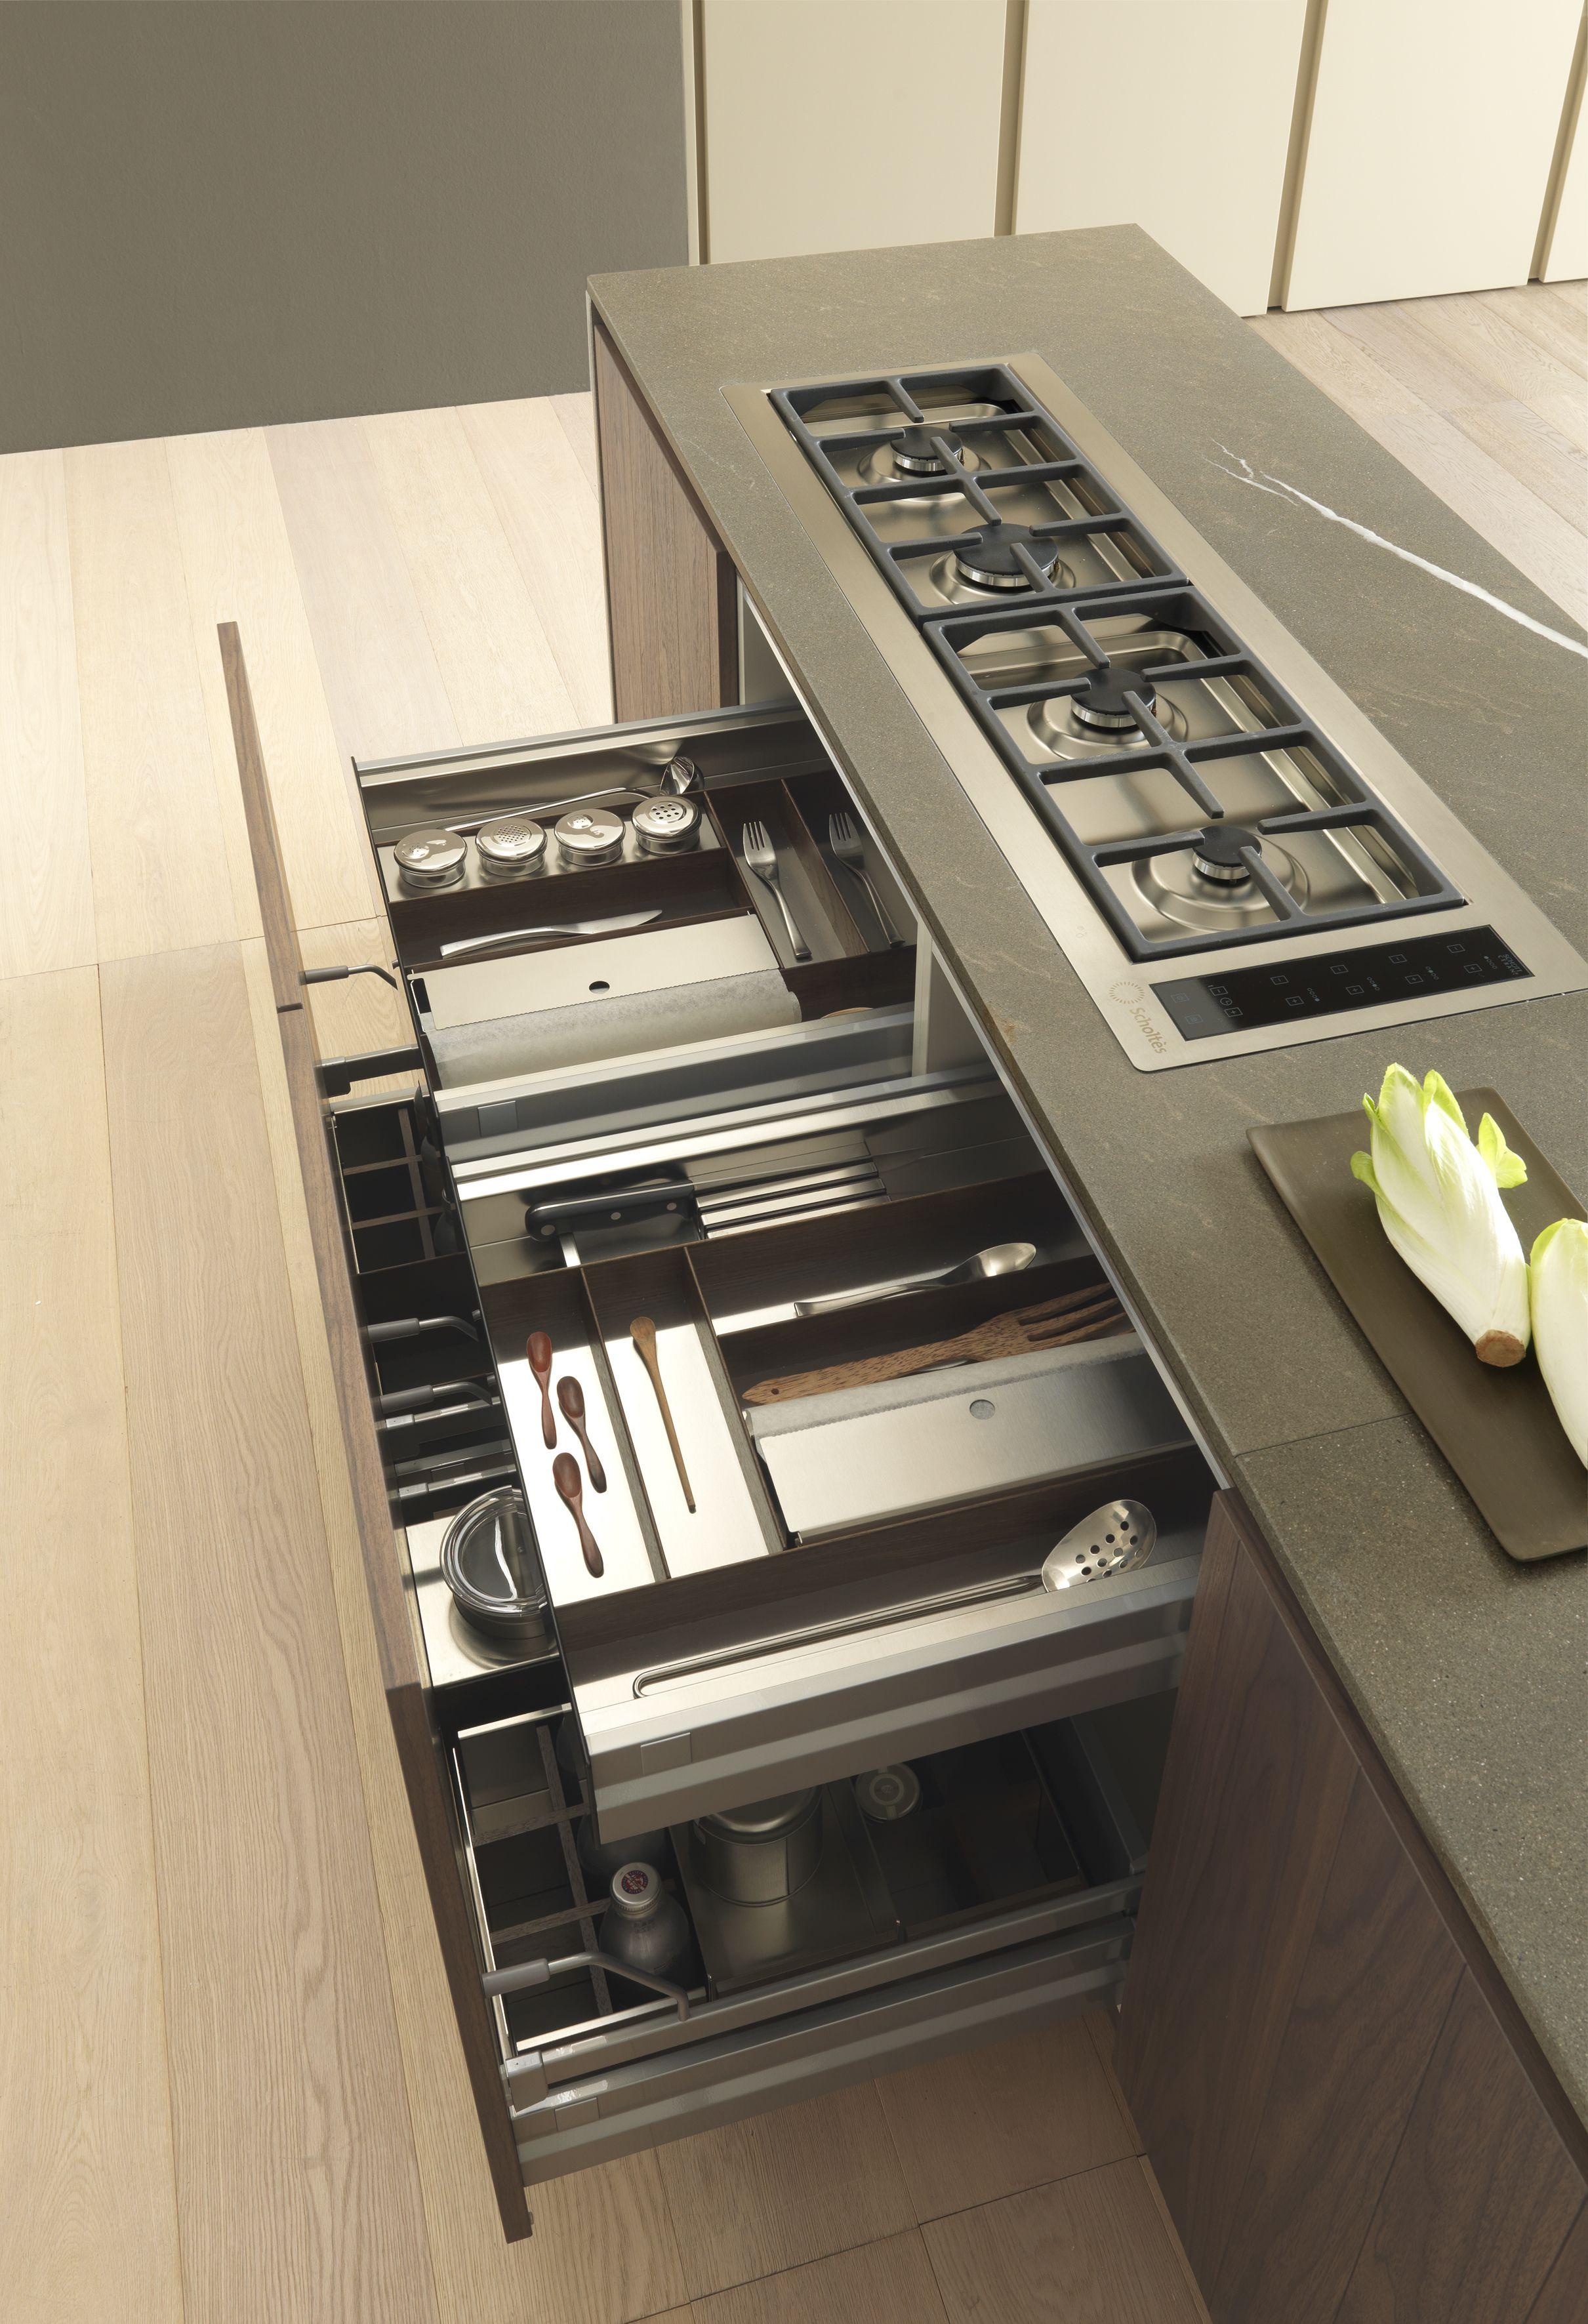 Best Tecnorock Stainless Steel Dark Oak Cutlery Tray For 640 x 480